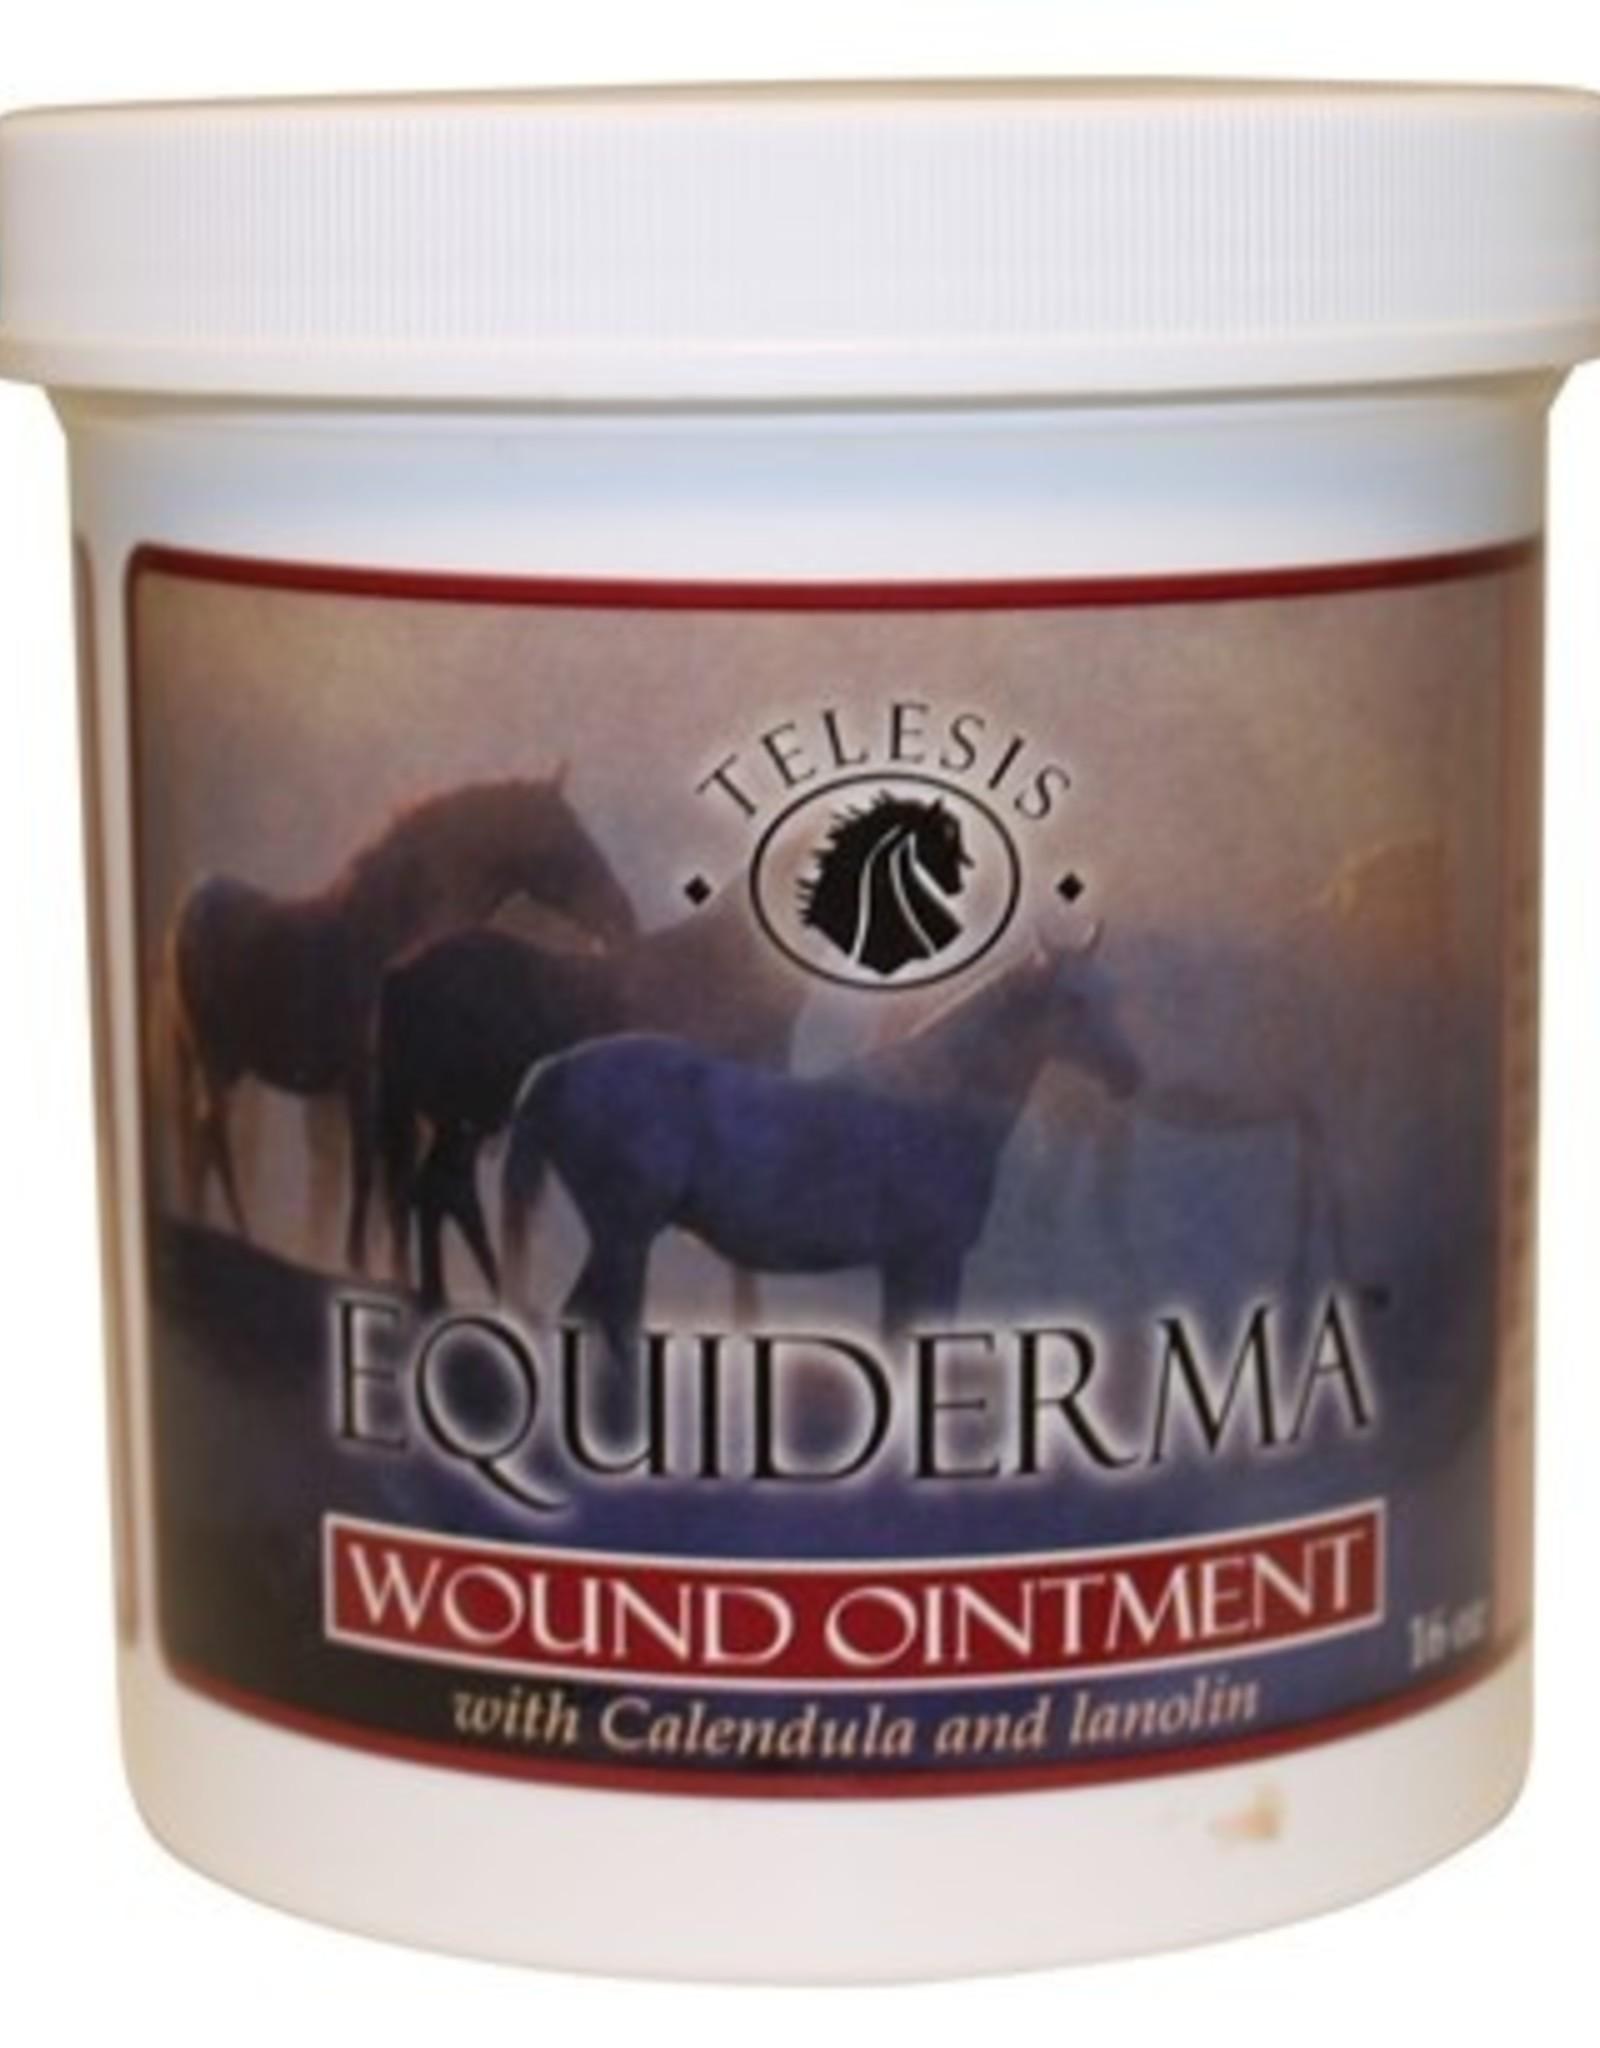 Equiderma Wound Oinment - 1lb